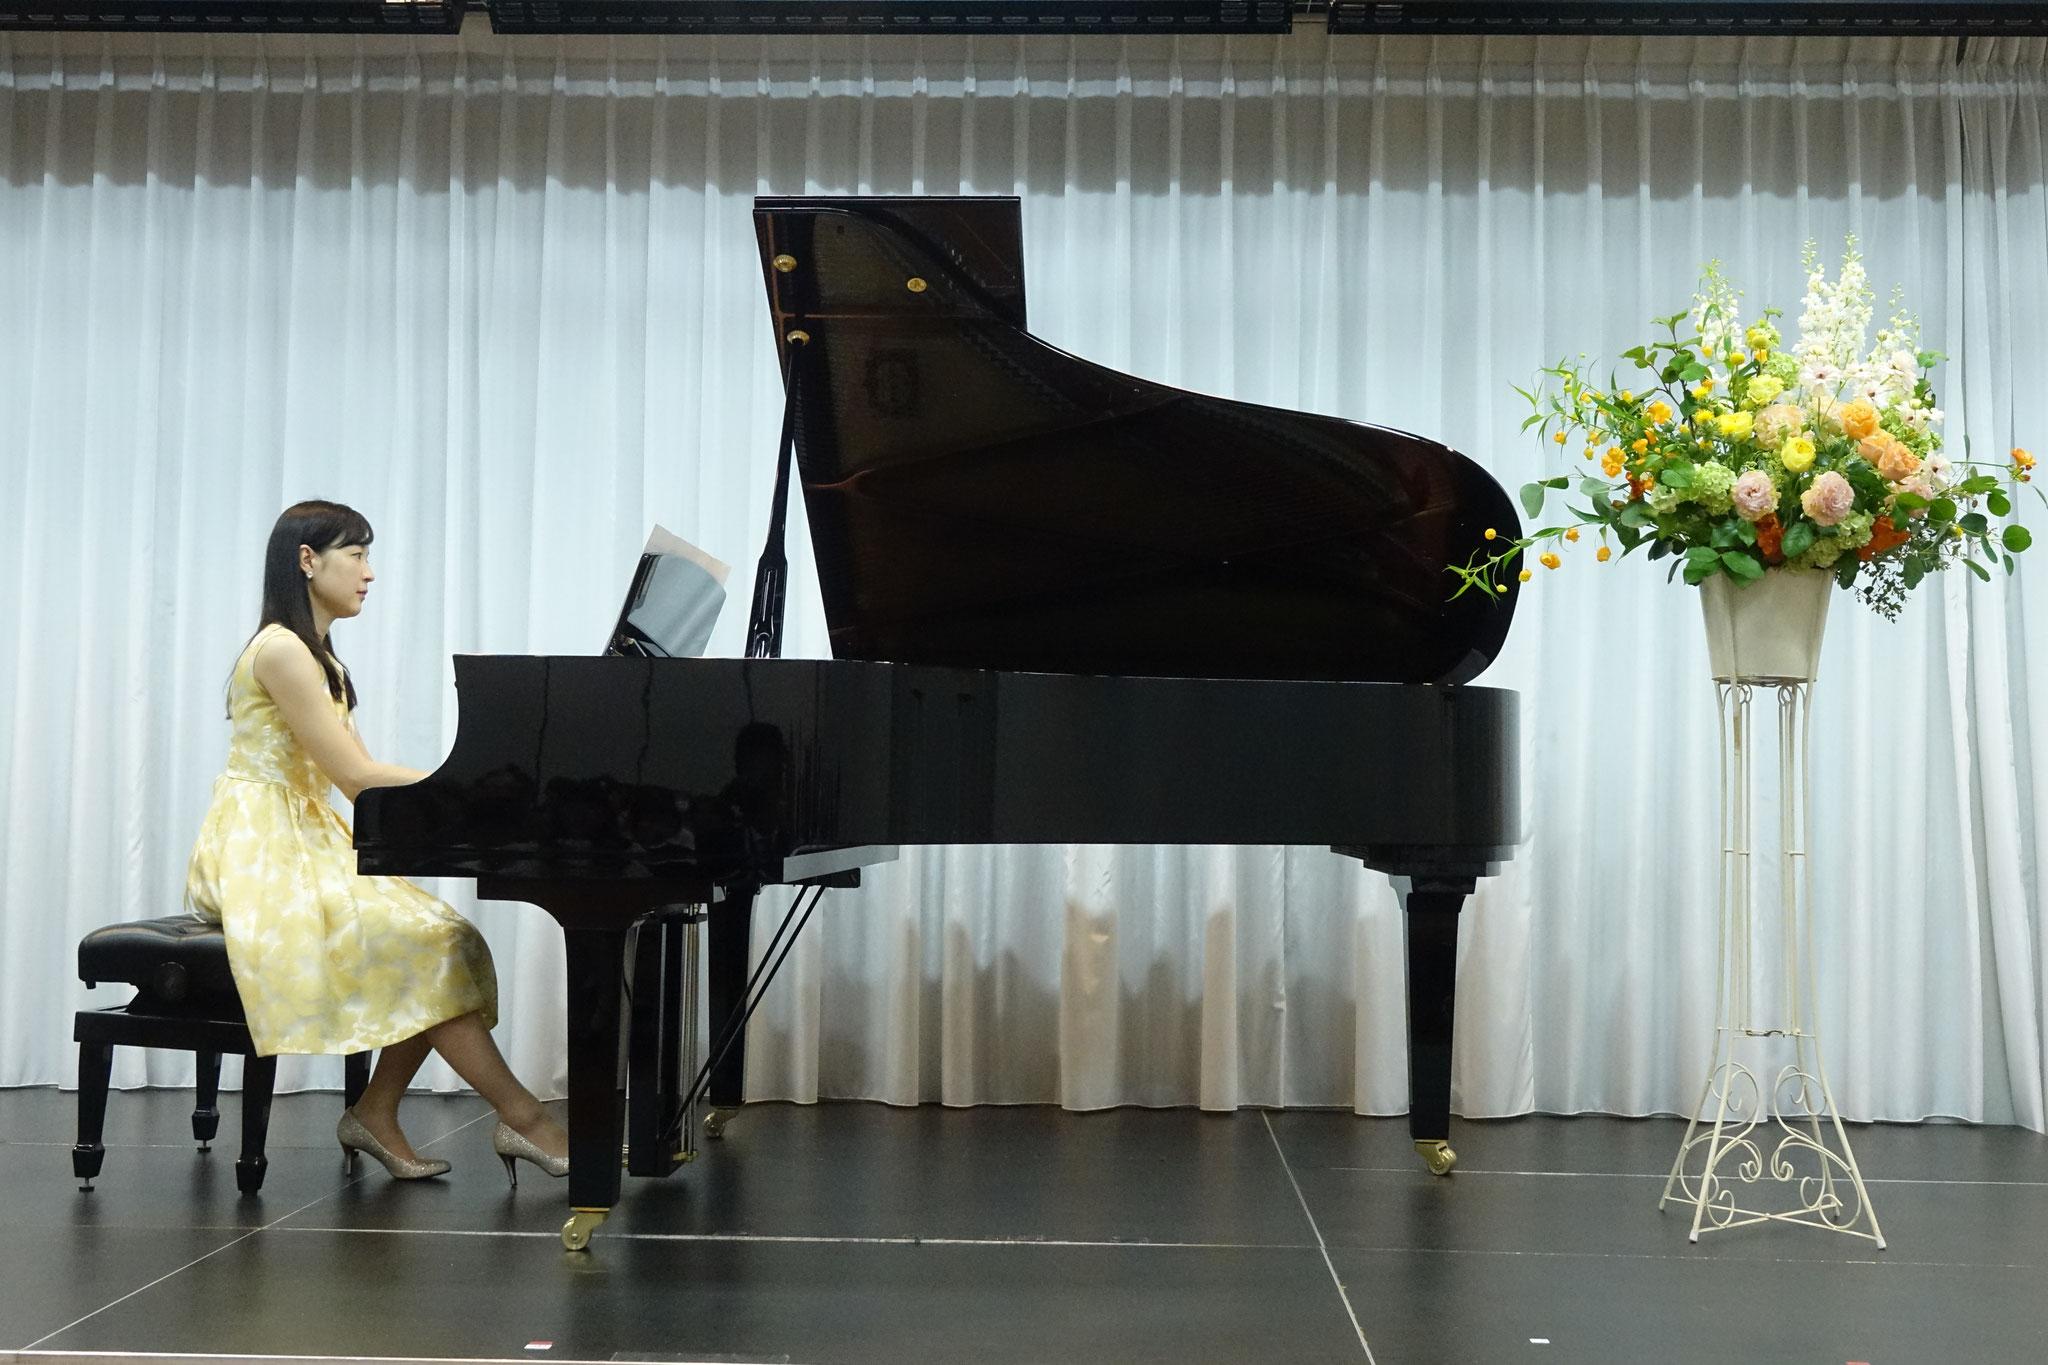 今年の講師演奏はショパンの『別れの曲』でした。